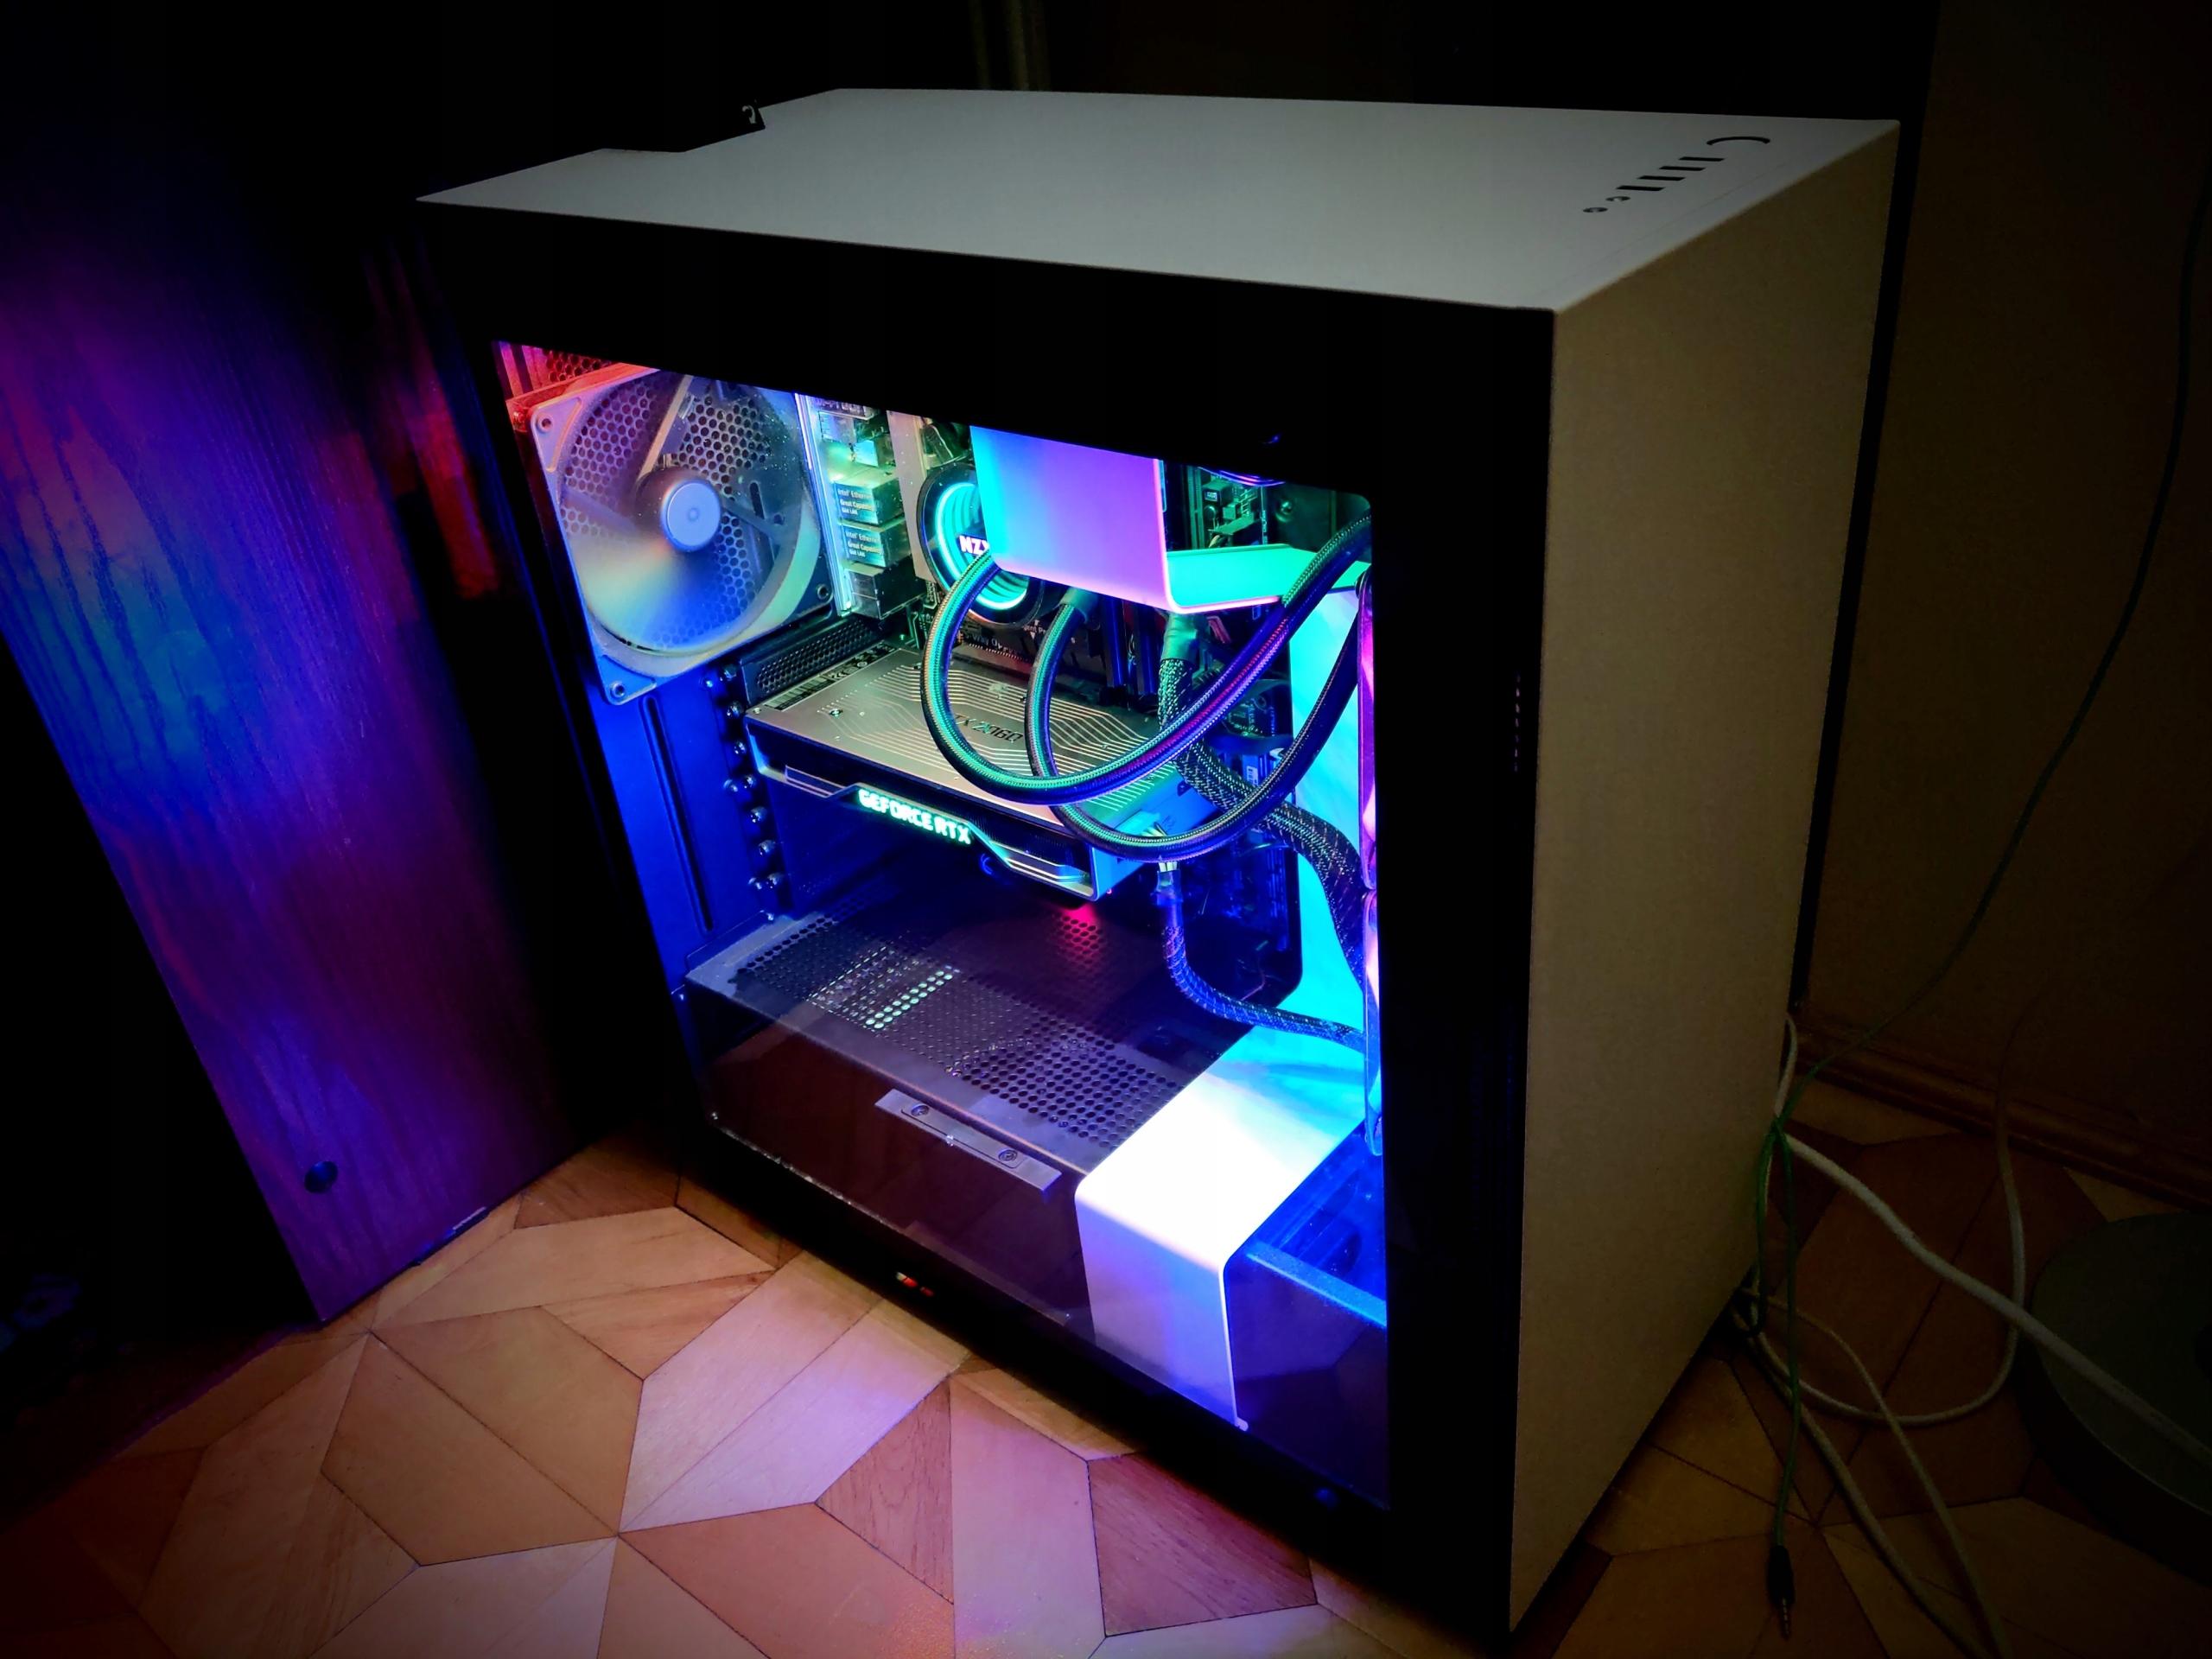 Komputer RTX 2060 i7 4770k Asus Z97 Deluxe 8GB - 7841323665